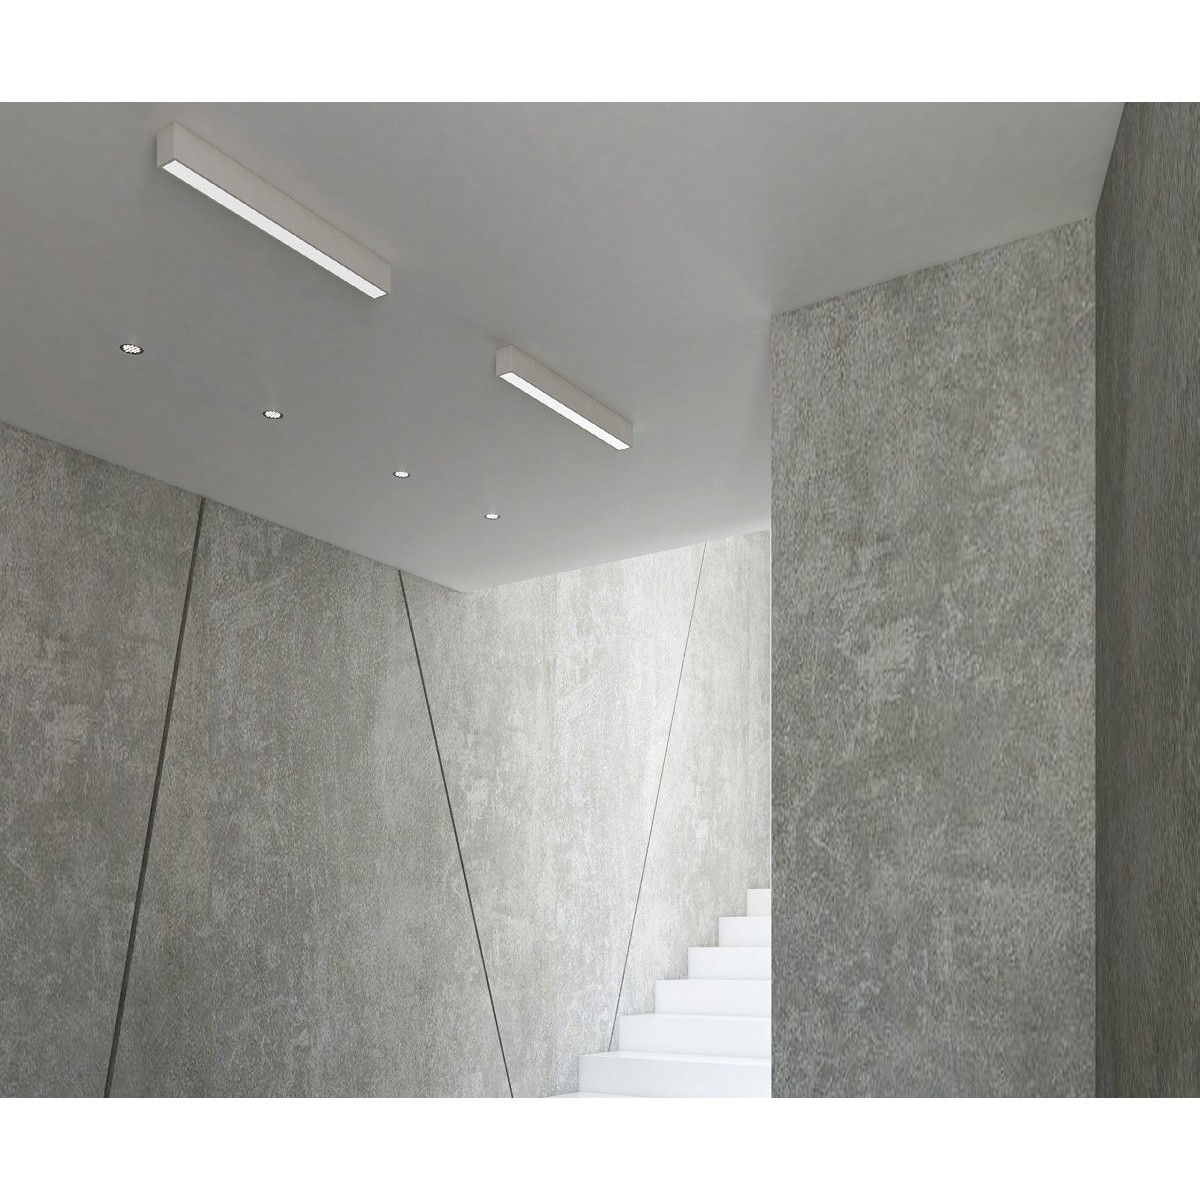 MAXlight Linear White Sufitowa 18W LED 1300lm 4000K Biały Ściemnialna C0124D